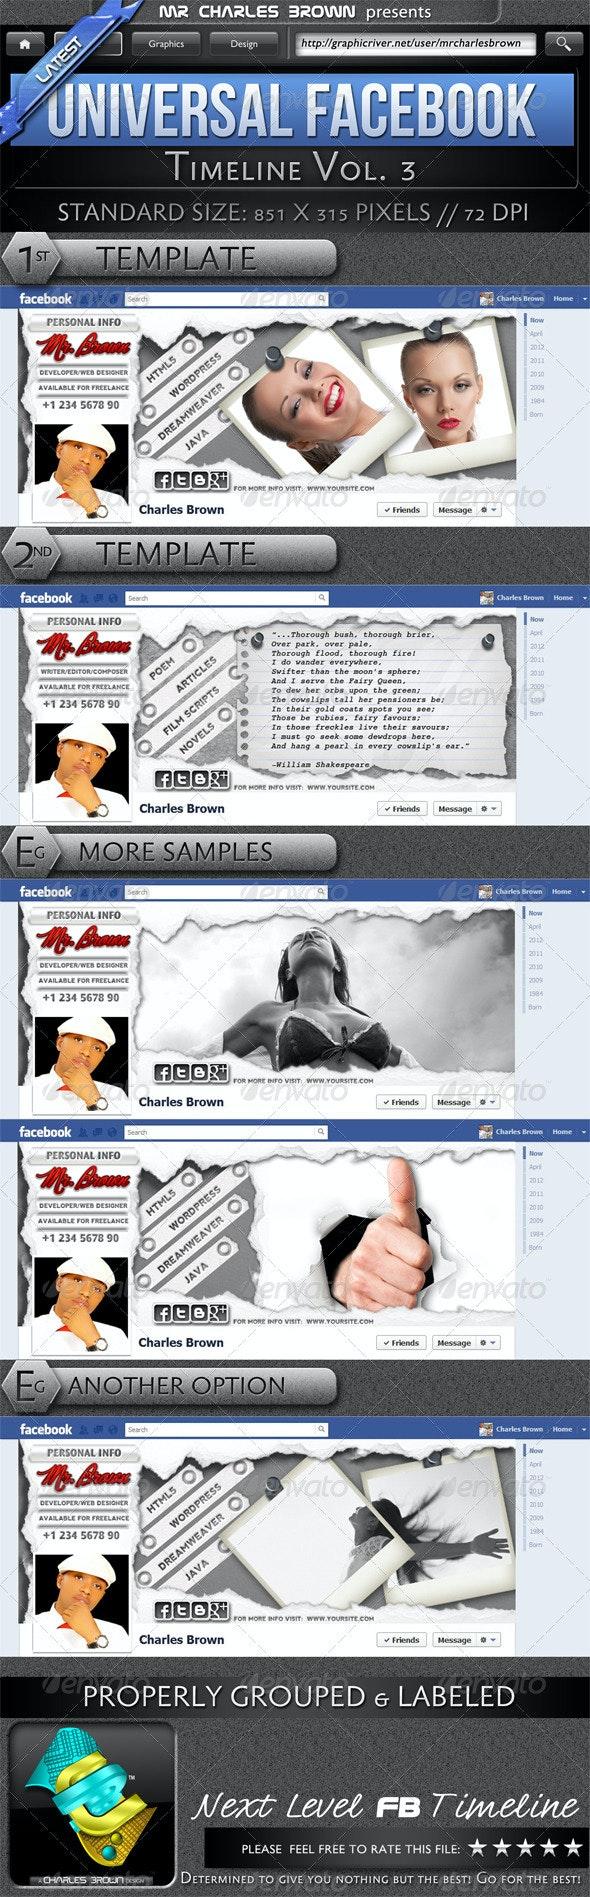 Universal FB Timeline v3